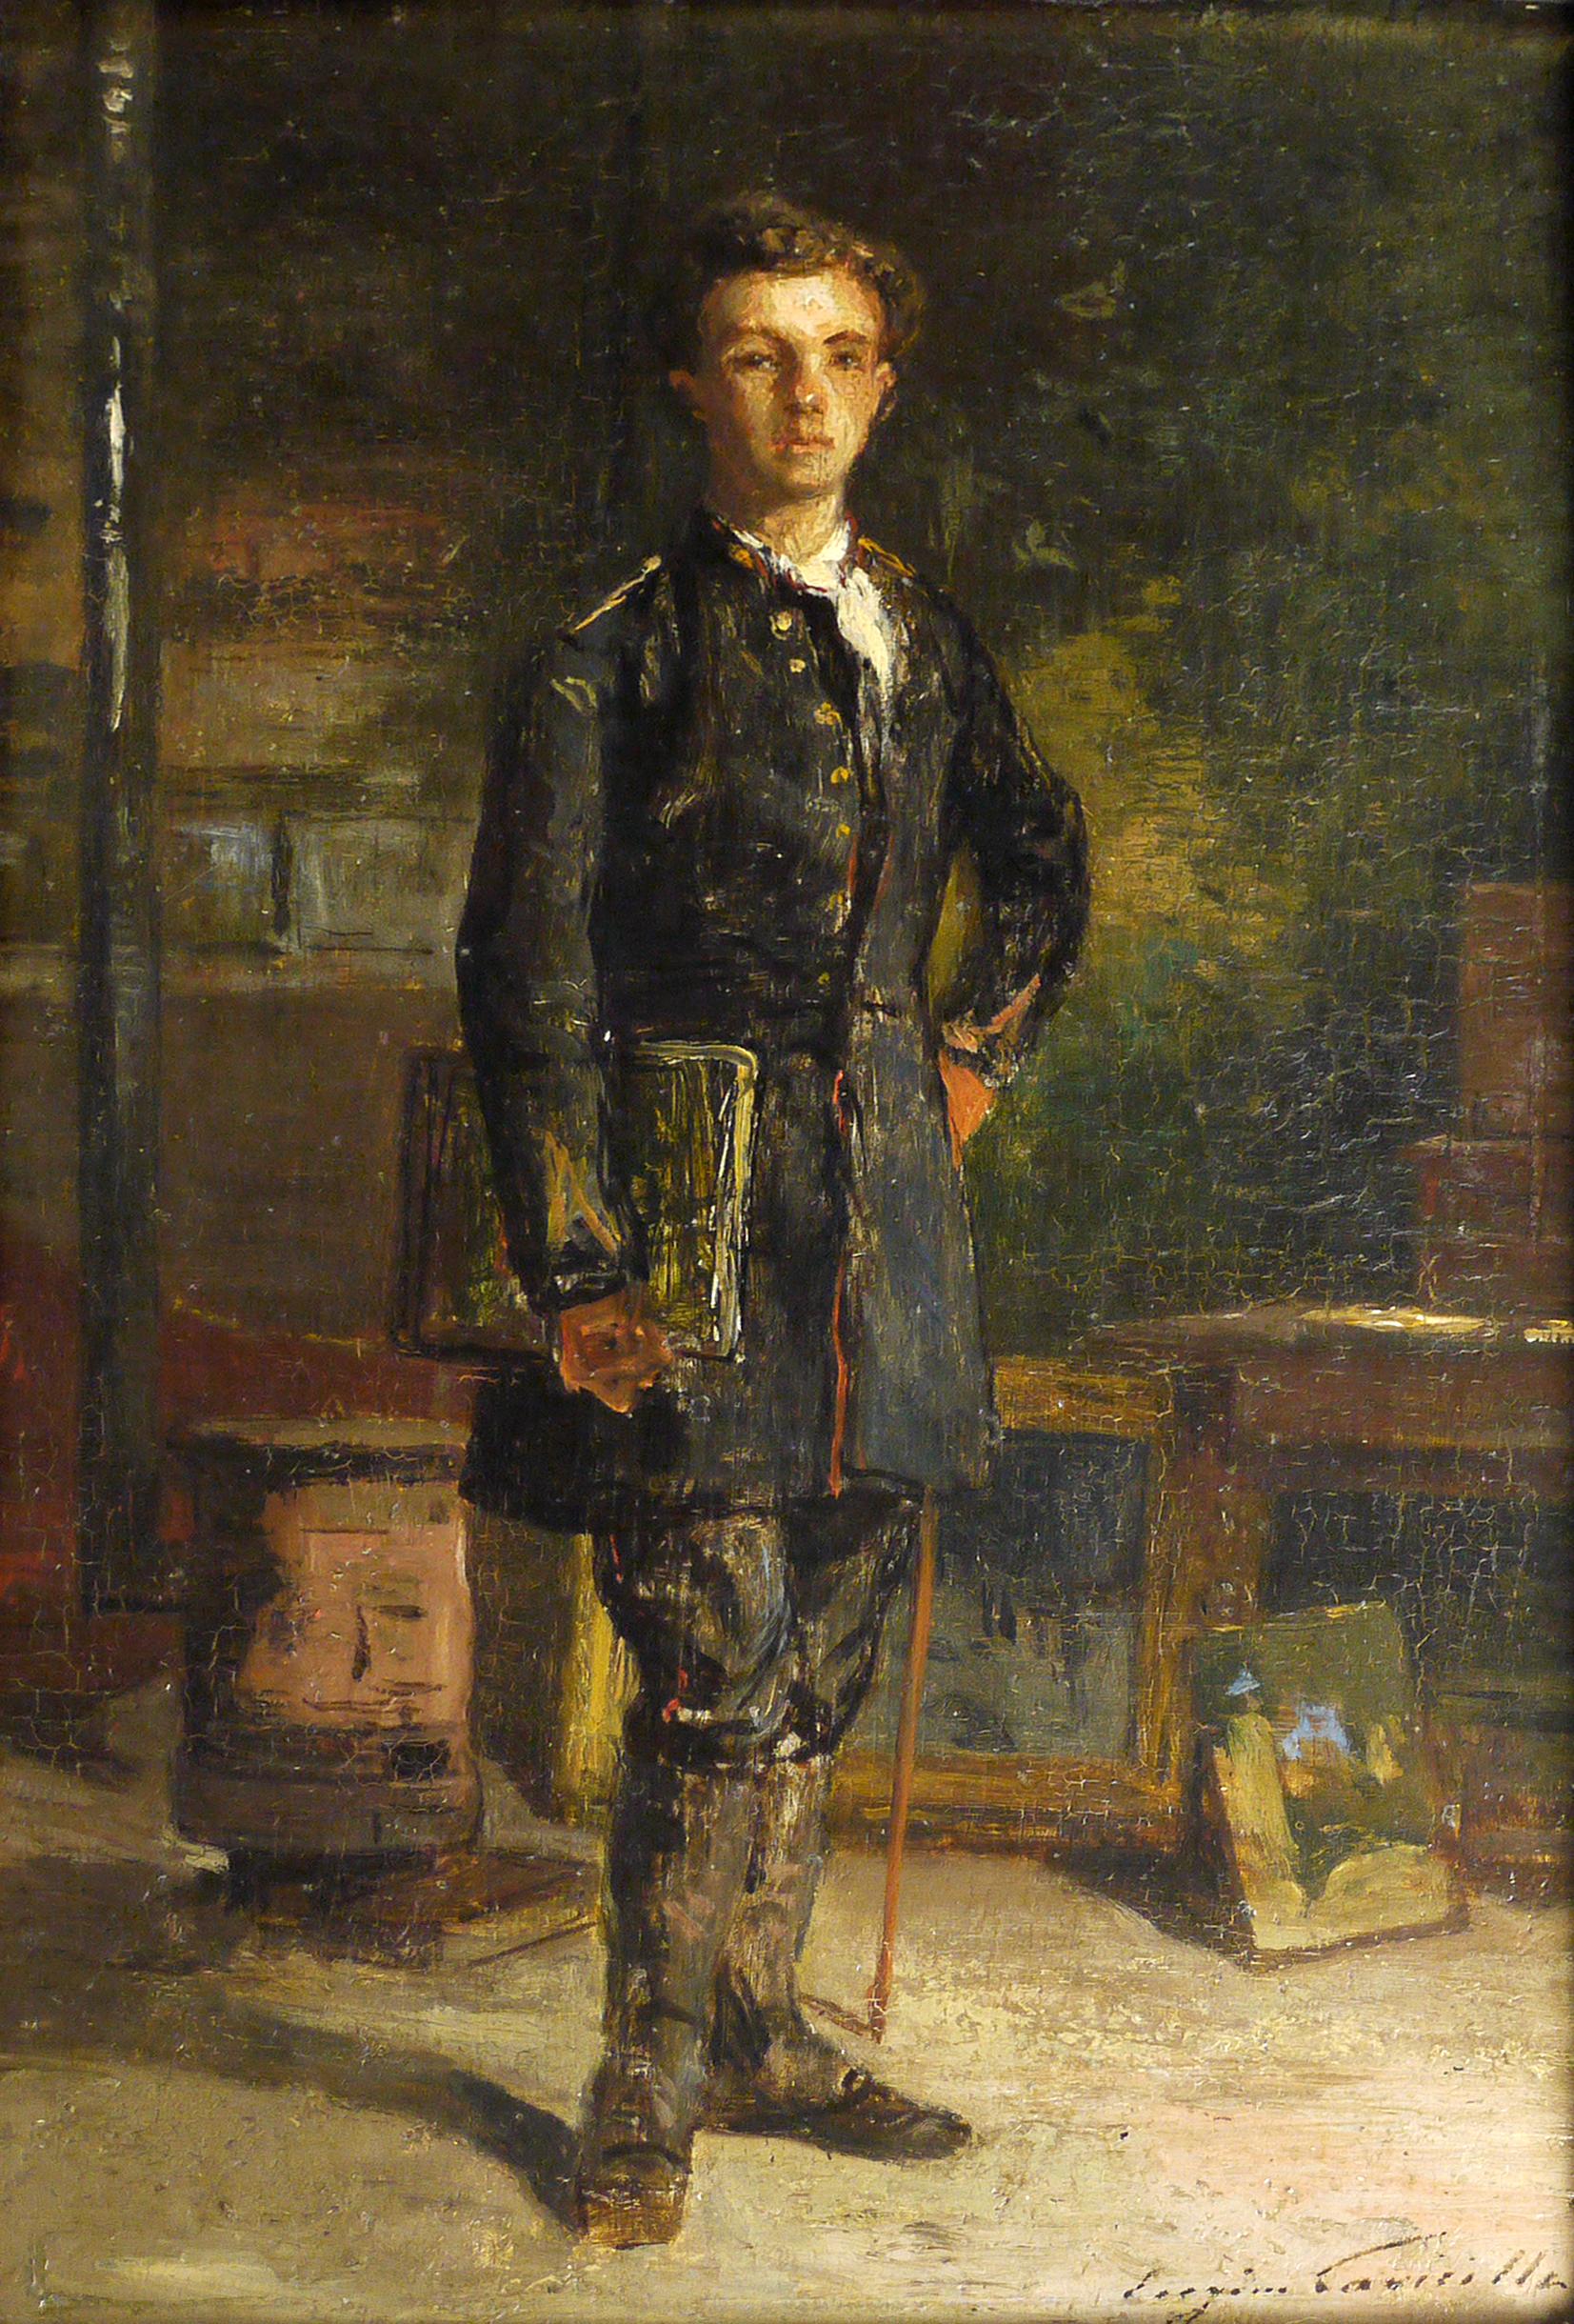 Eugène Lavieille, Jeune Homme devant un poêle, 19ème s. © Musée de Valence, photographie Béatrice Roussel